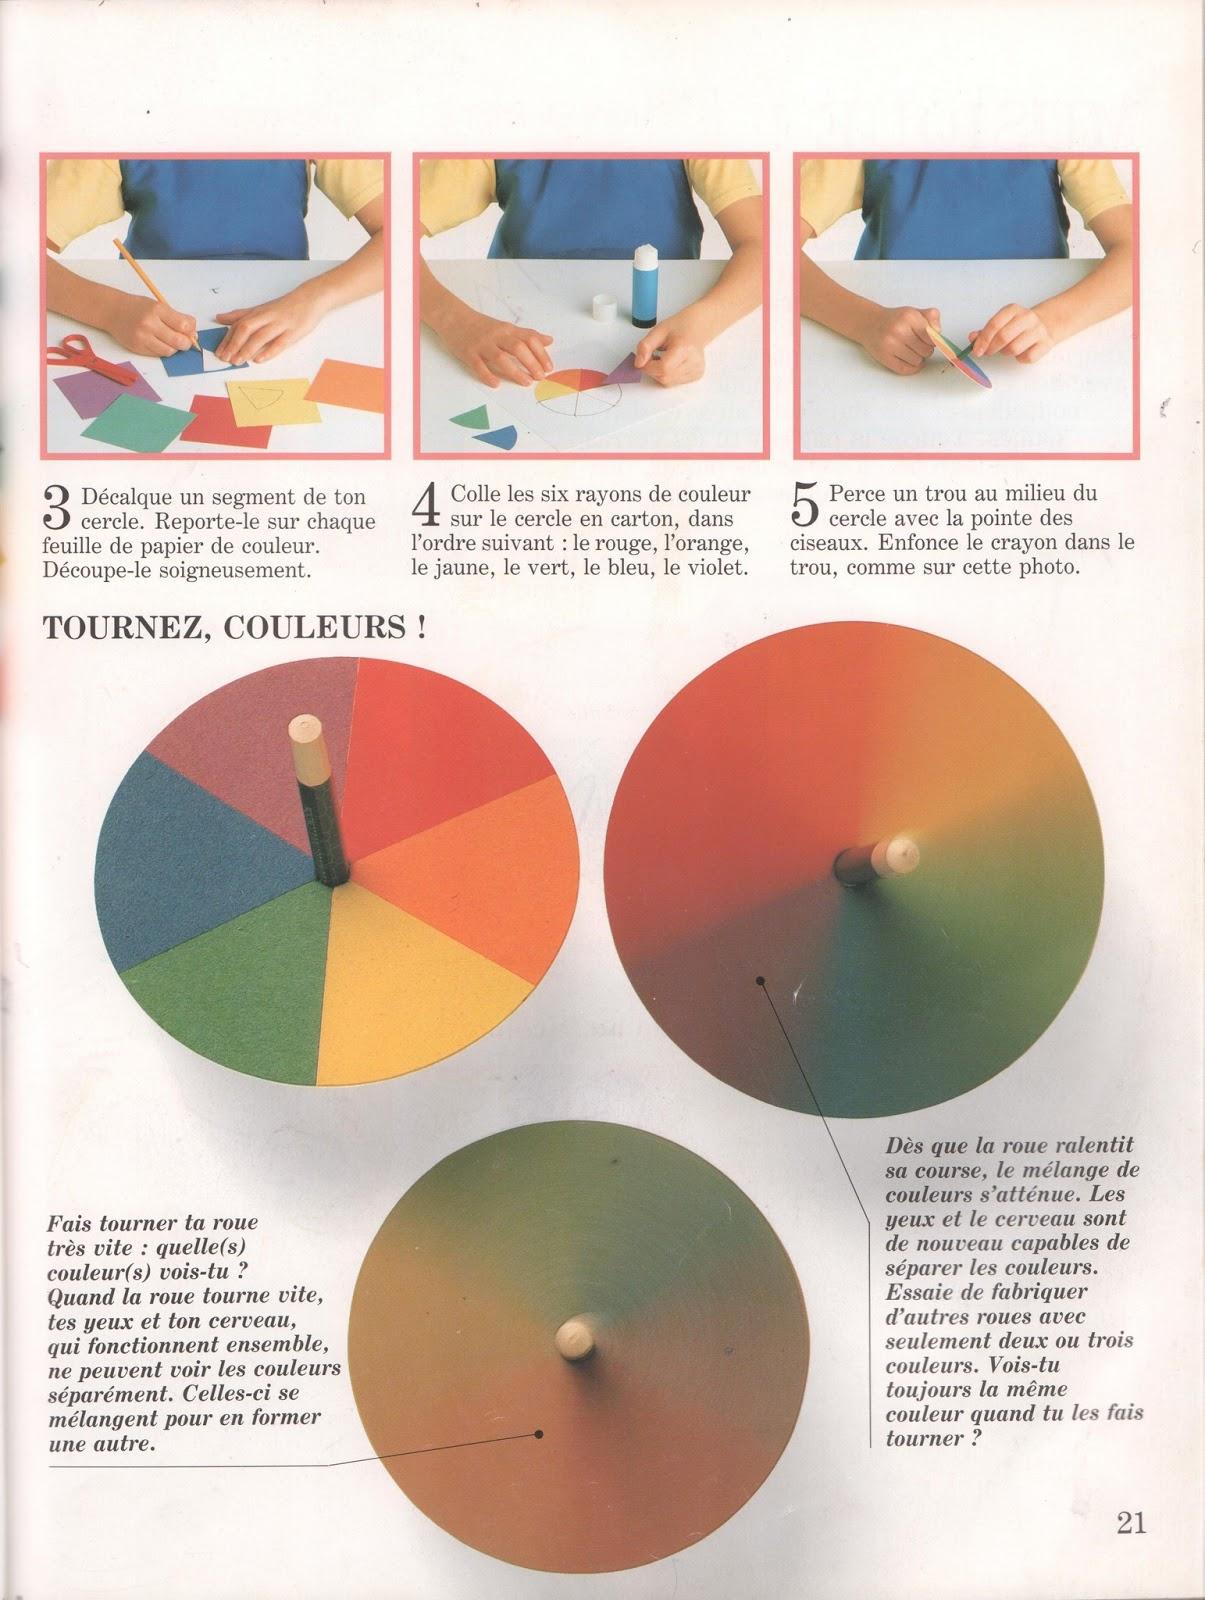 Couleur Qui Sont Des Choses leçons de choses: couleurs en fuite (voir les couleurs séparément ou